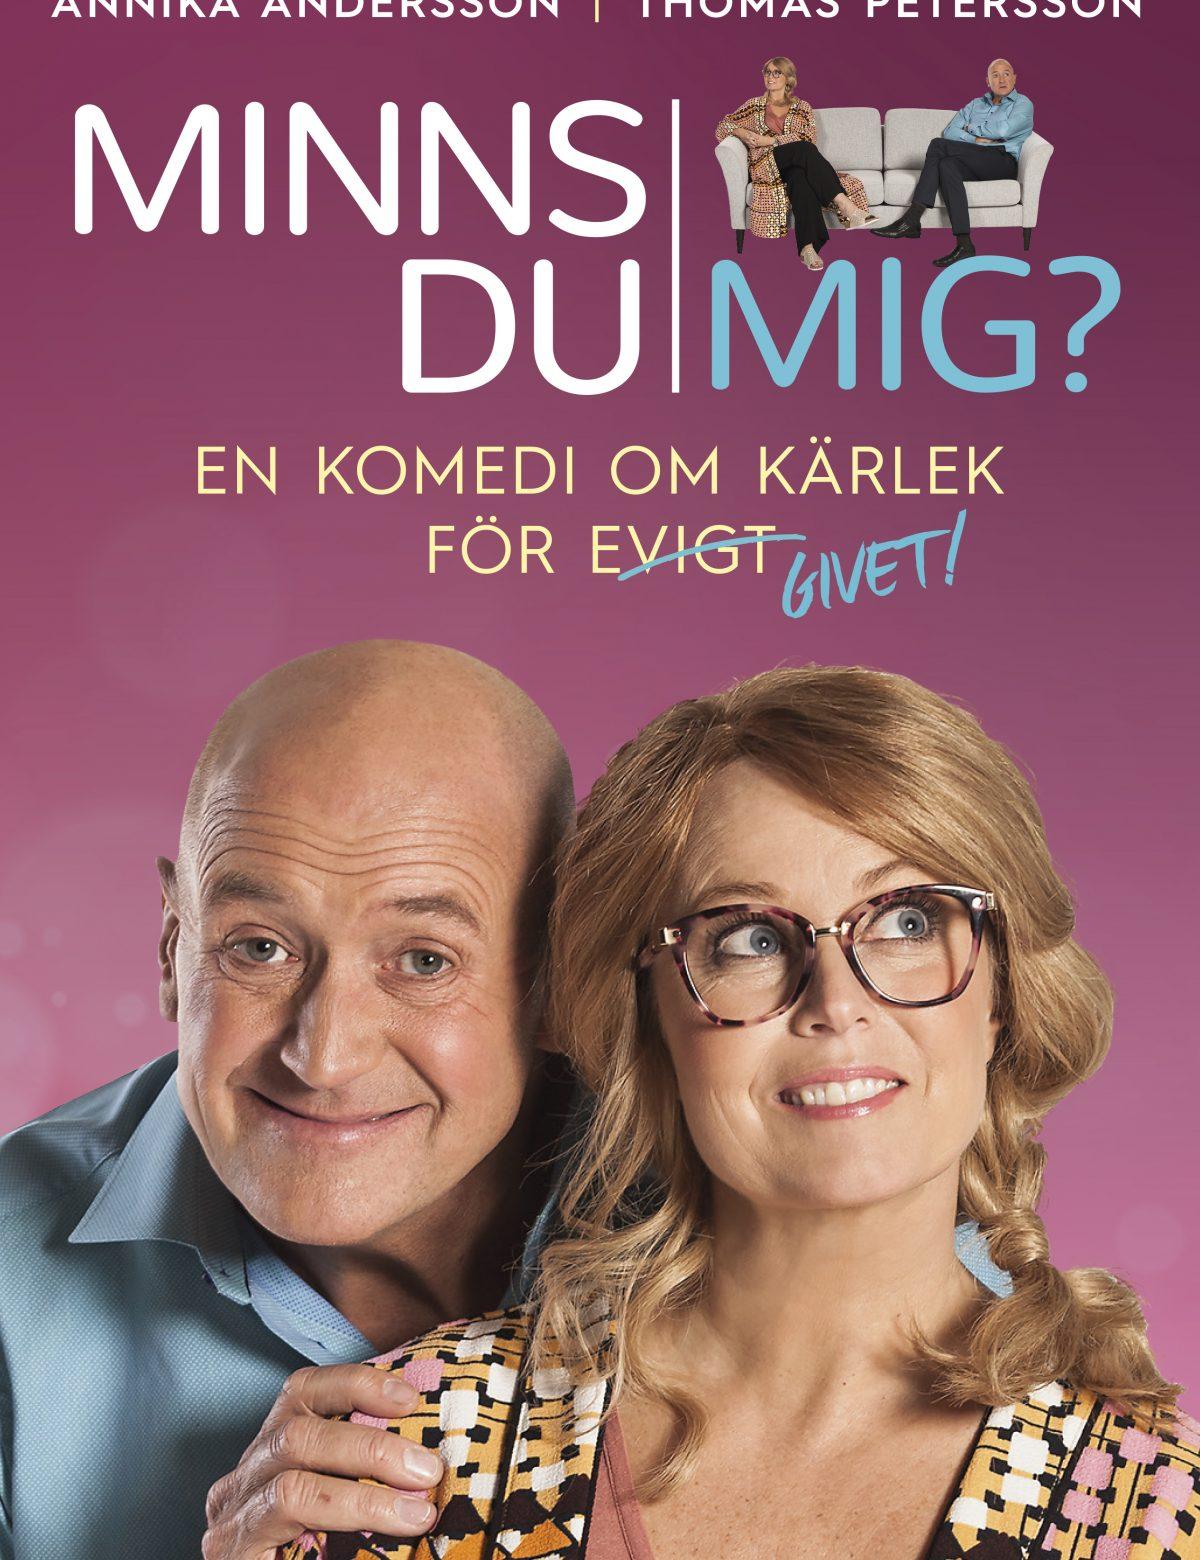 Annika Andersson och Thomas Petersson i Minns du mig?